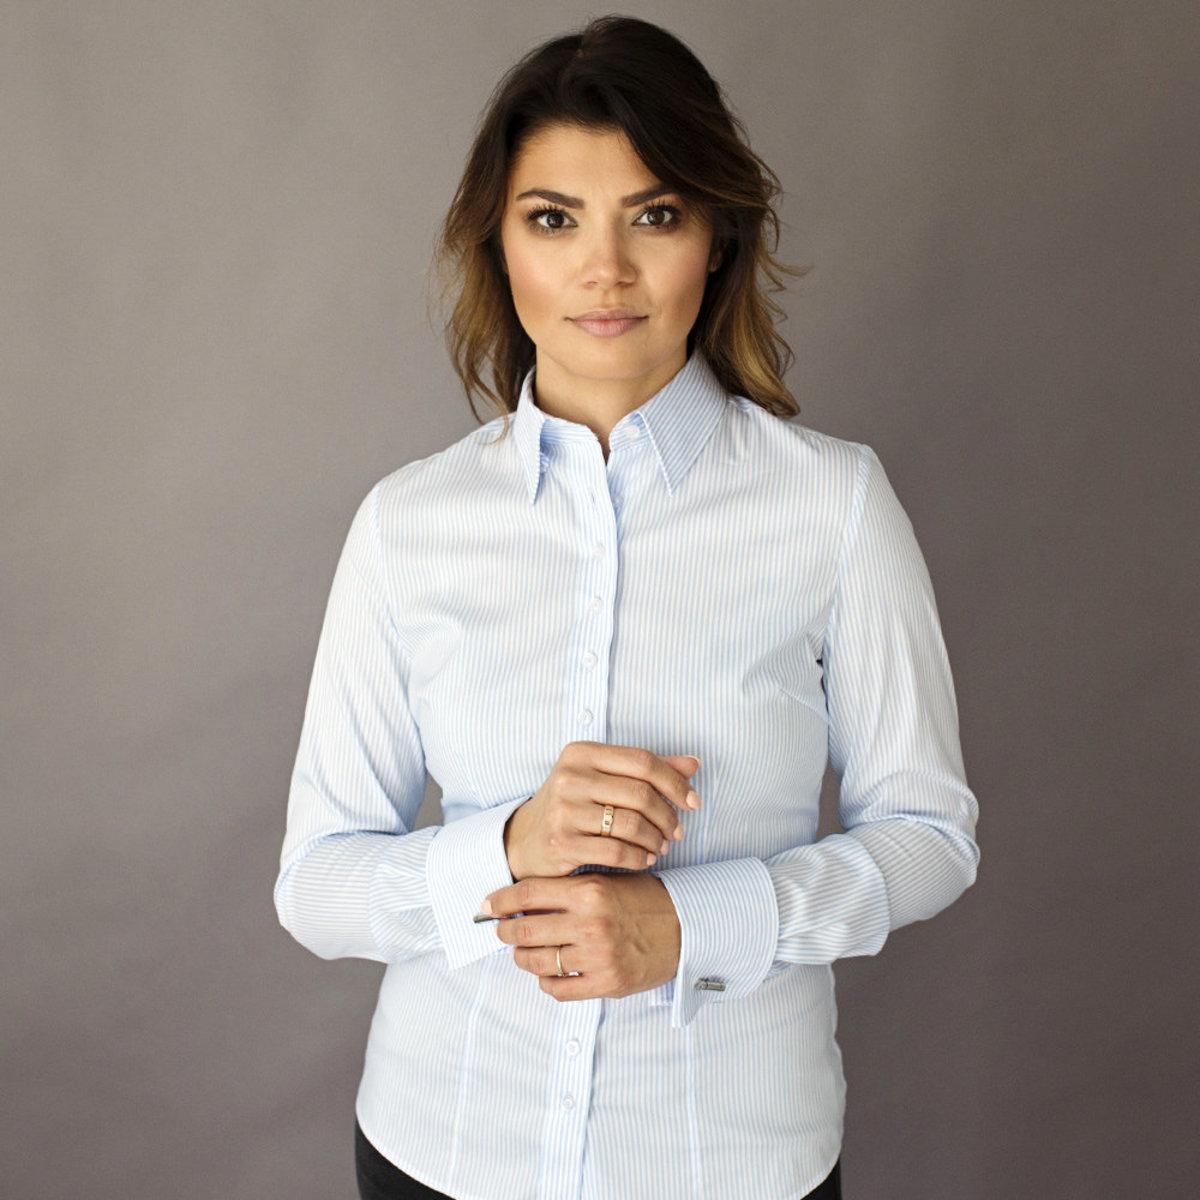 Dámská košile Willsoor 8409 v bílé barvě s proužky 34